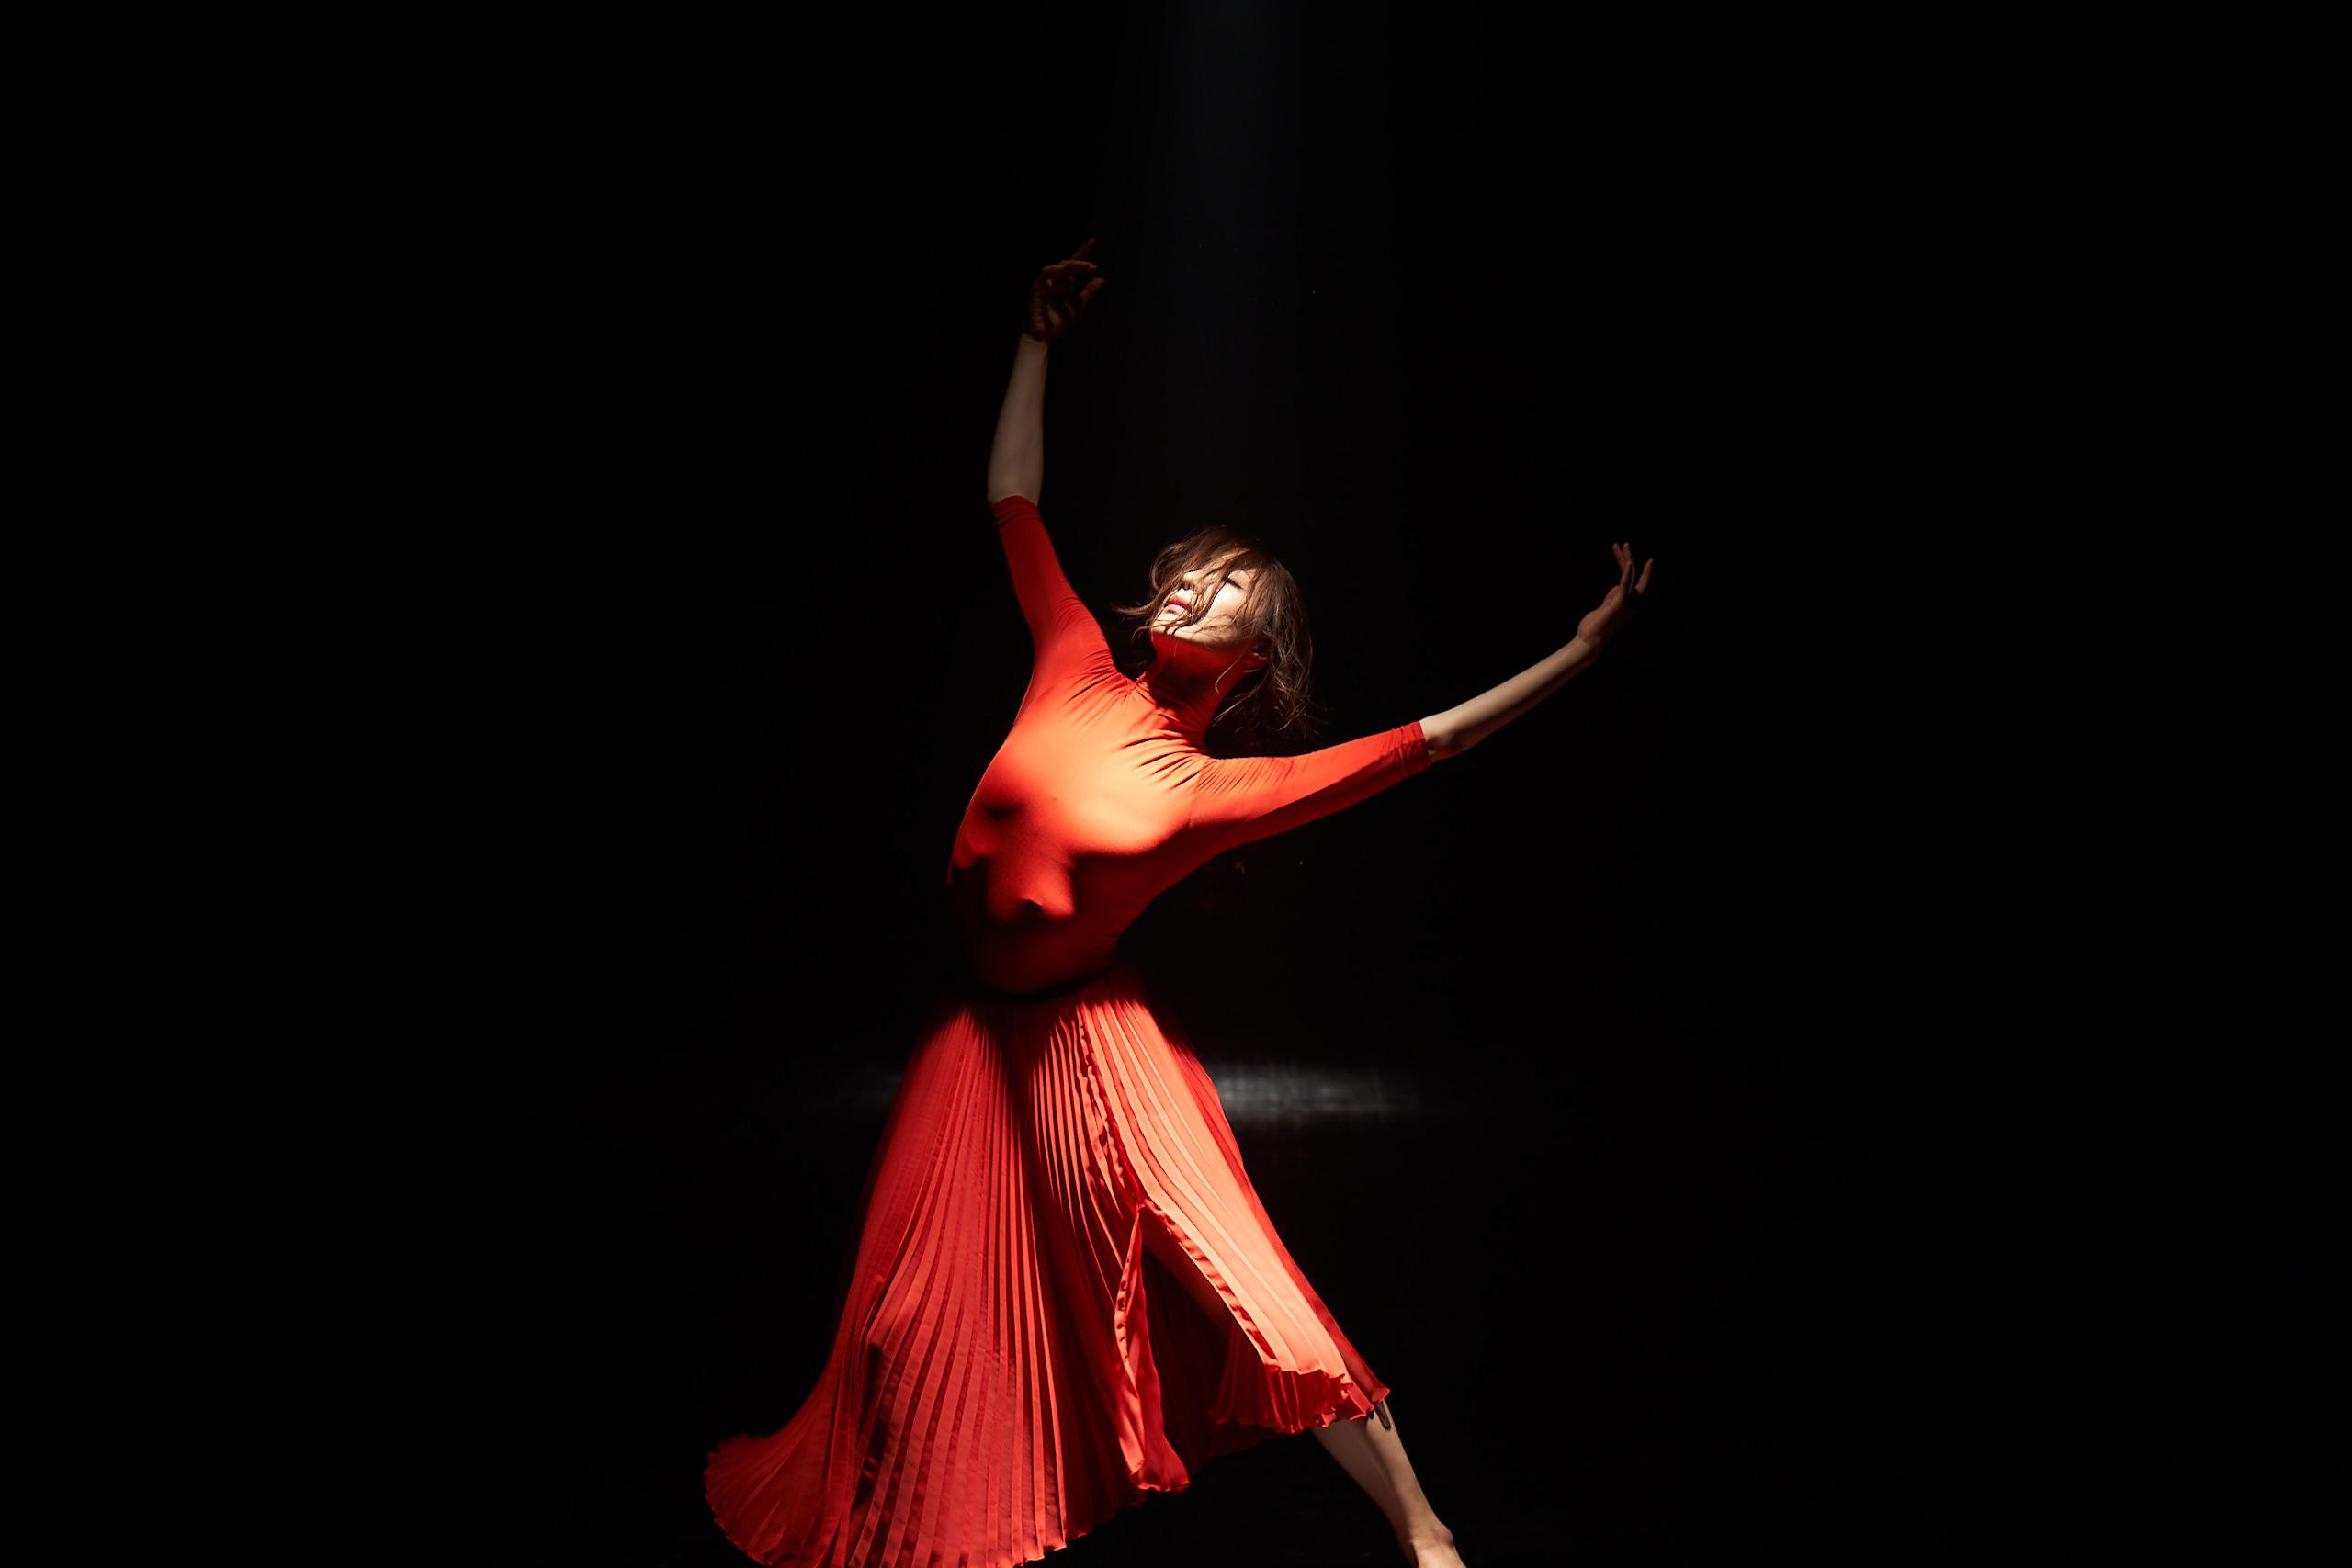 主角徐娜英曾在韓國舞蹈競賽實境節目《Dancing 9 第二季》中,打破韓國舞蹈的界線,展現超凡的魅力,令許多觀眾印象深刻